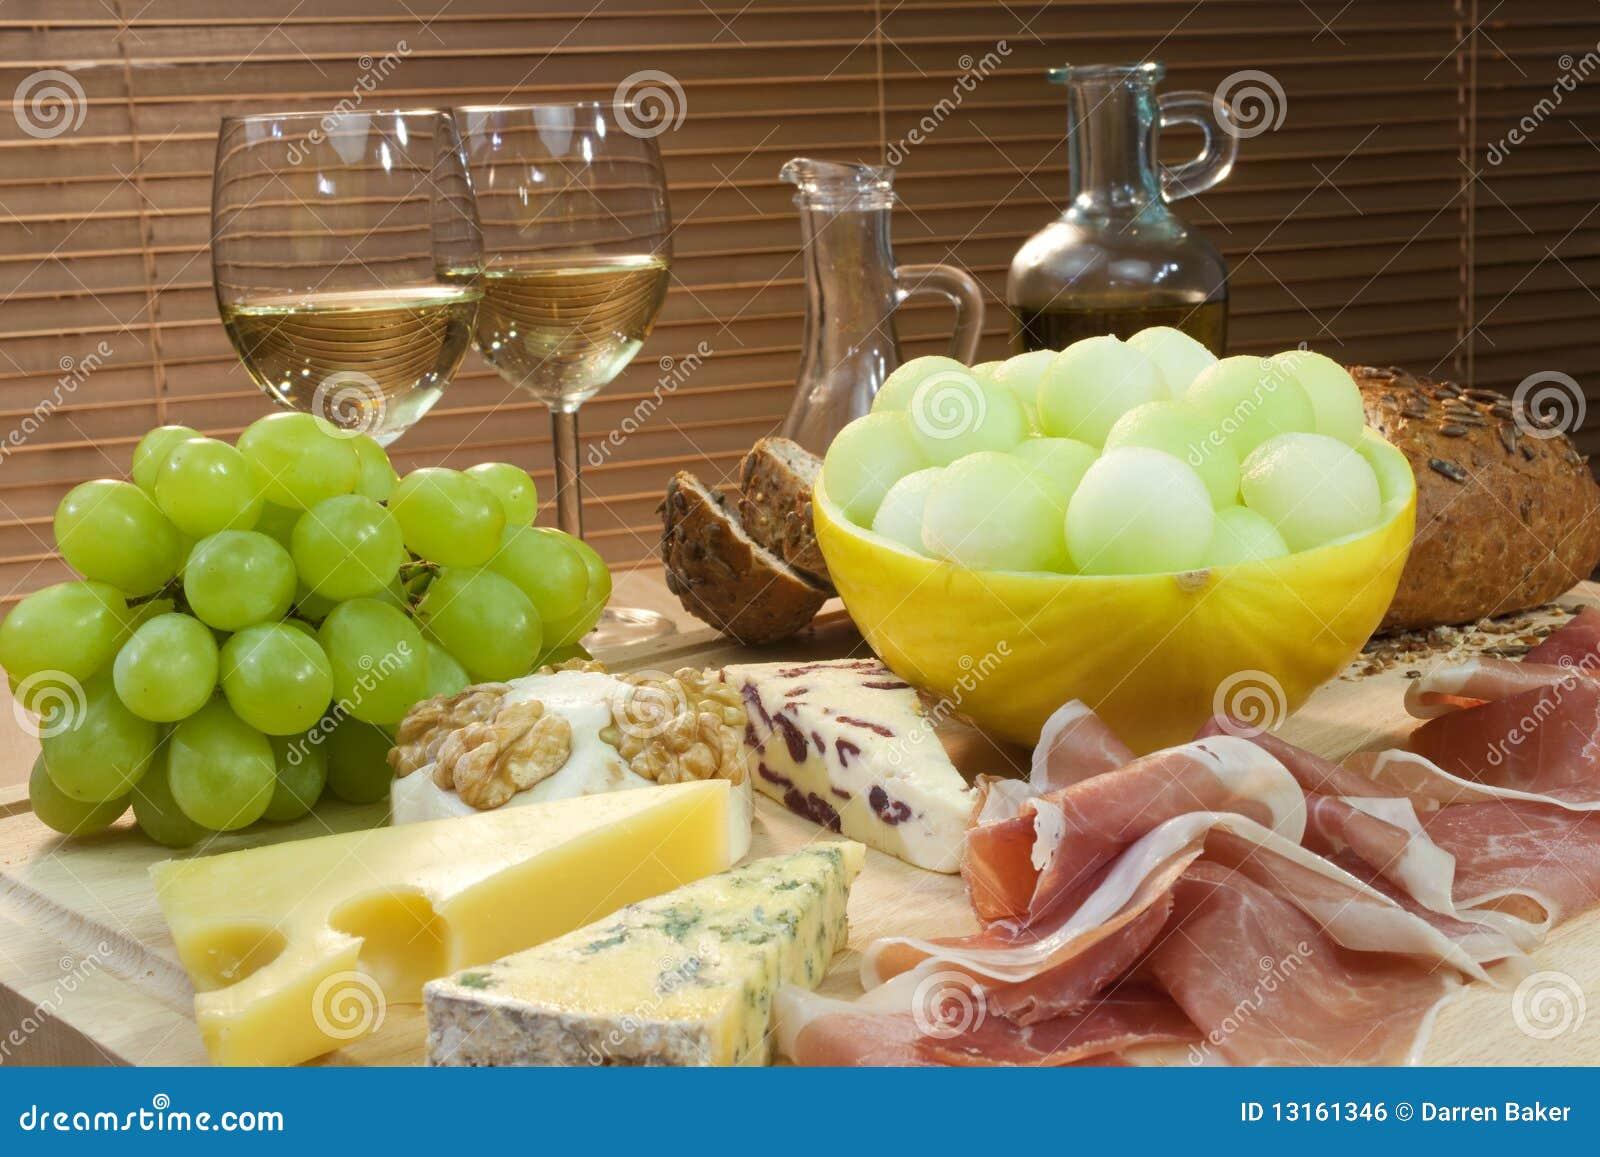 Dieta del vino y el jamon foro